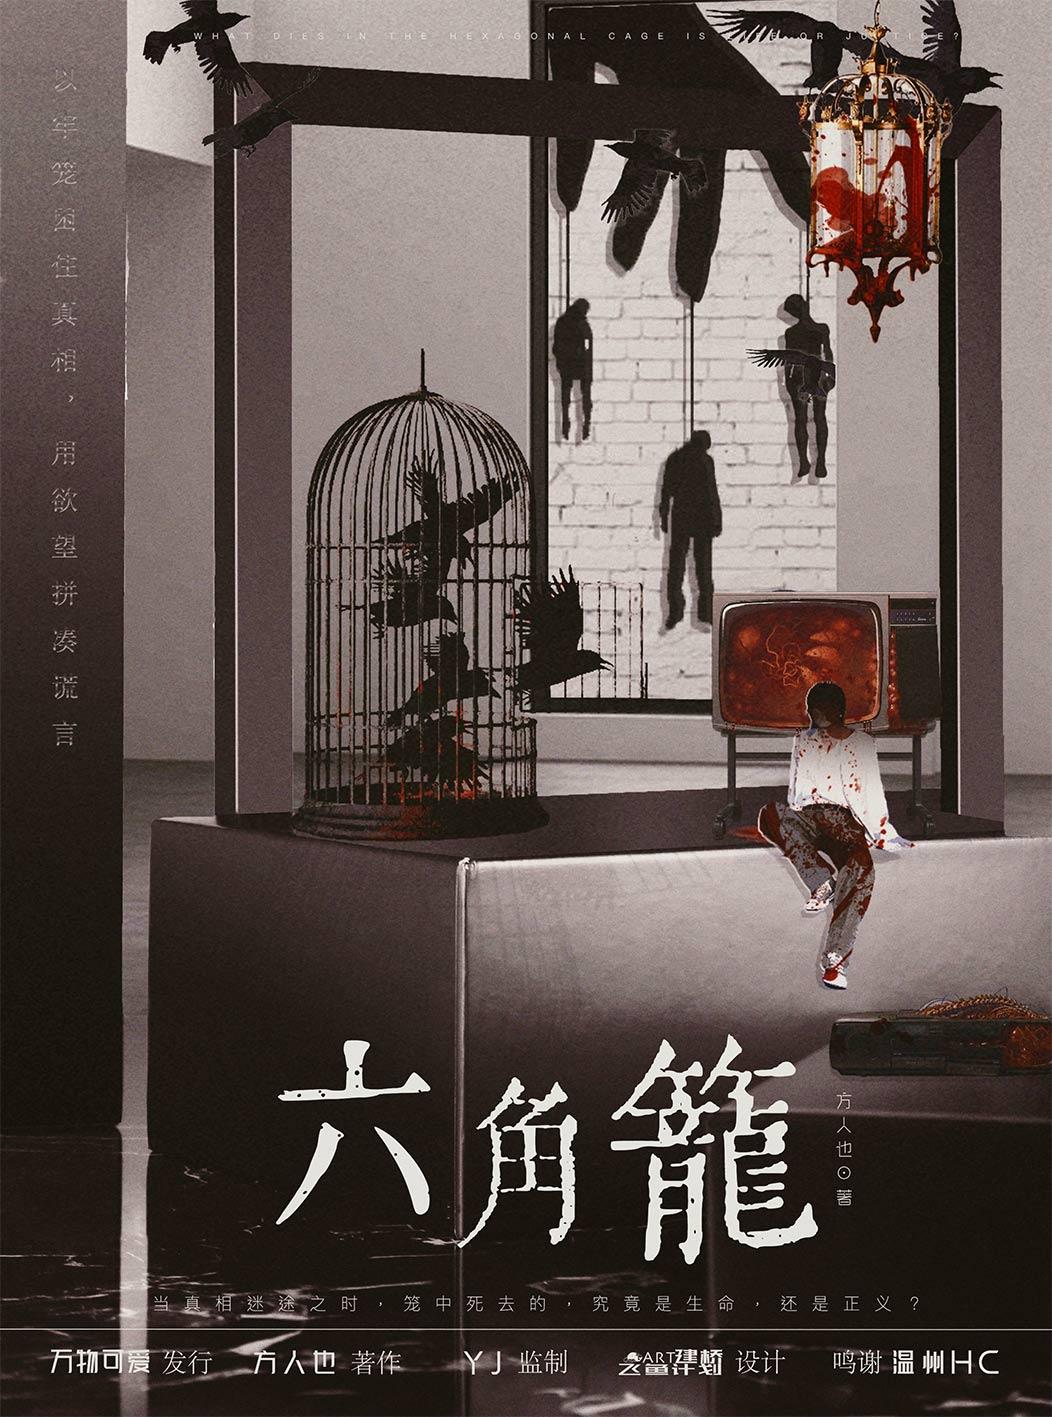 『六角笼』剧本杀复盘解析\剧透\谁是凶手